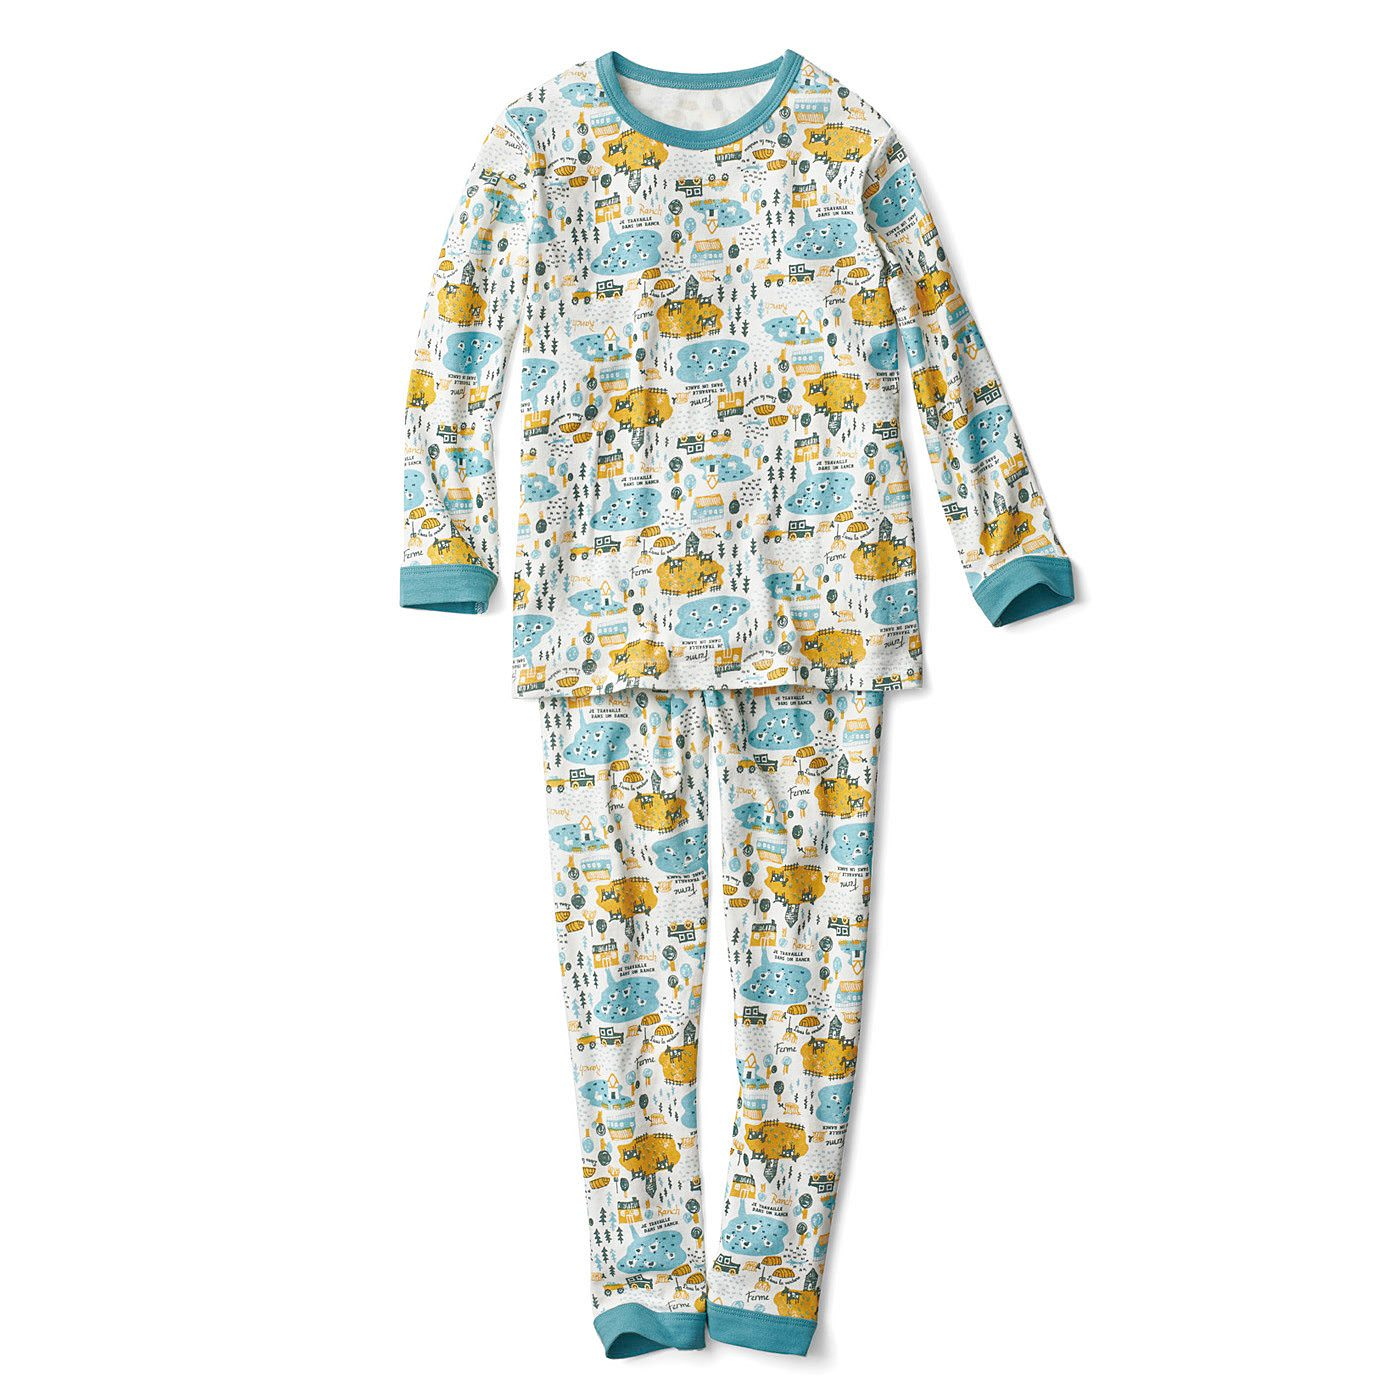 おなか出ないよ! はらまきドッキングイラストパジャマ〈グリーン×マスタード〉